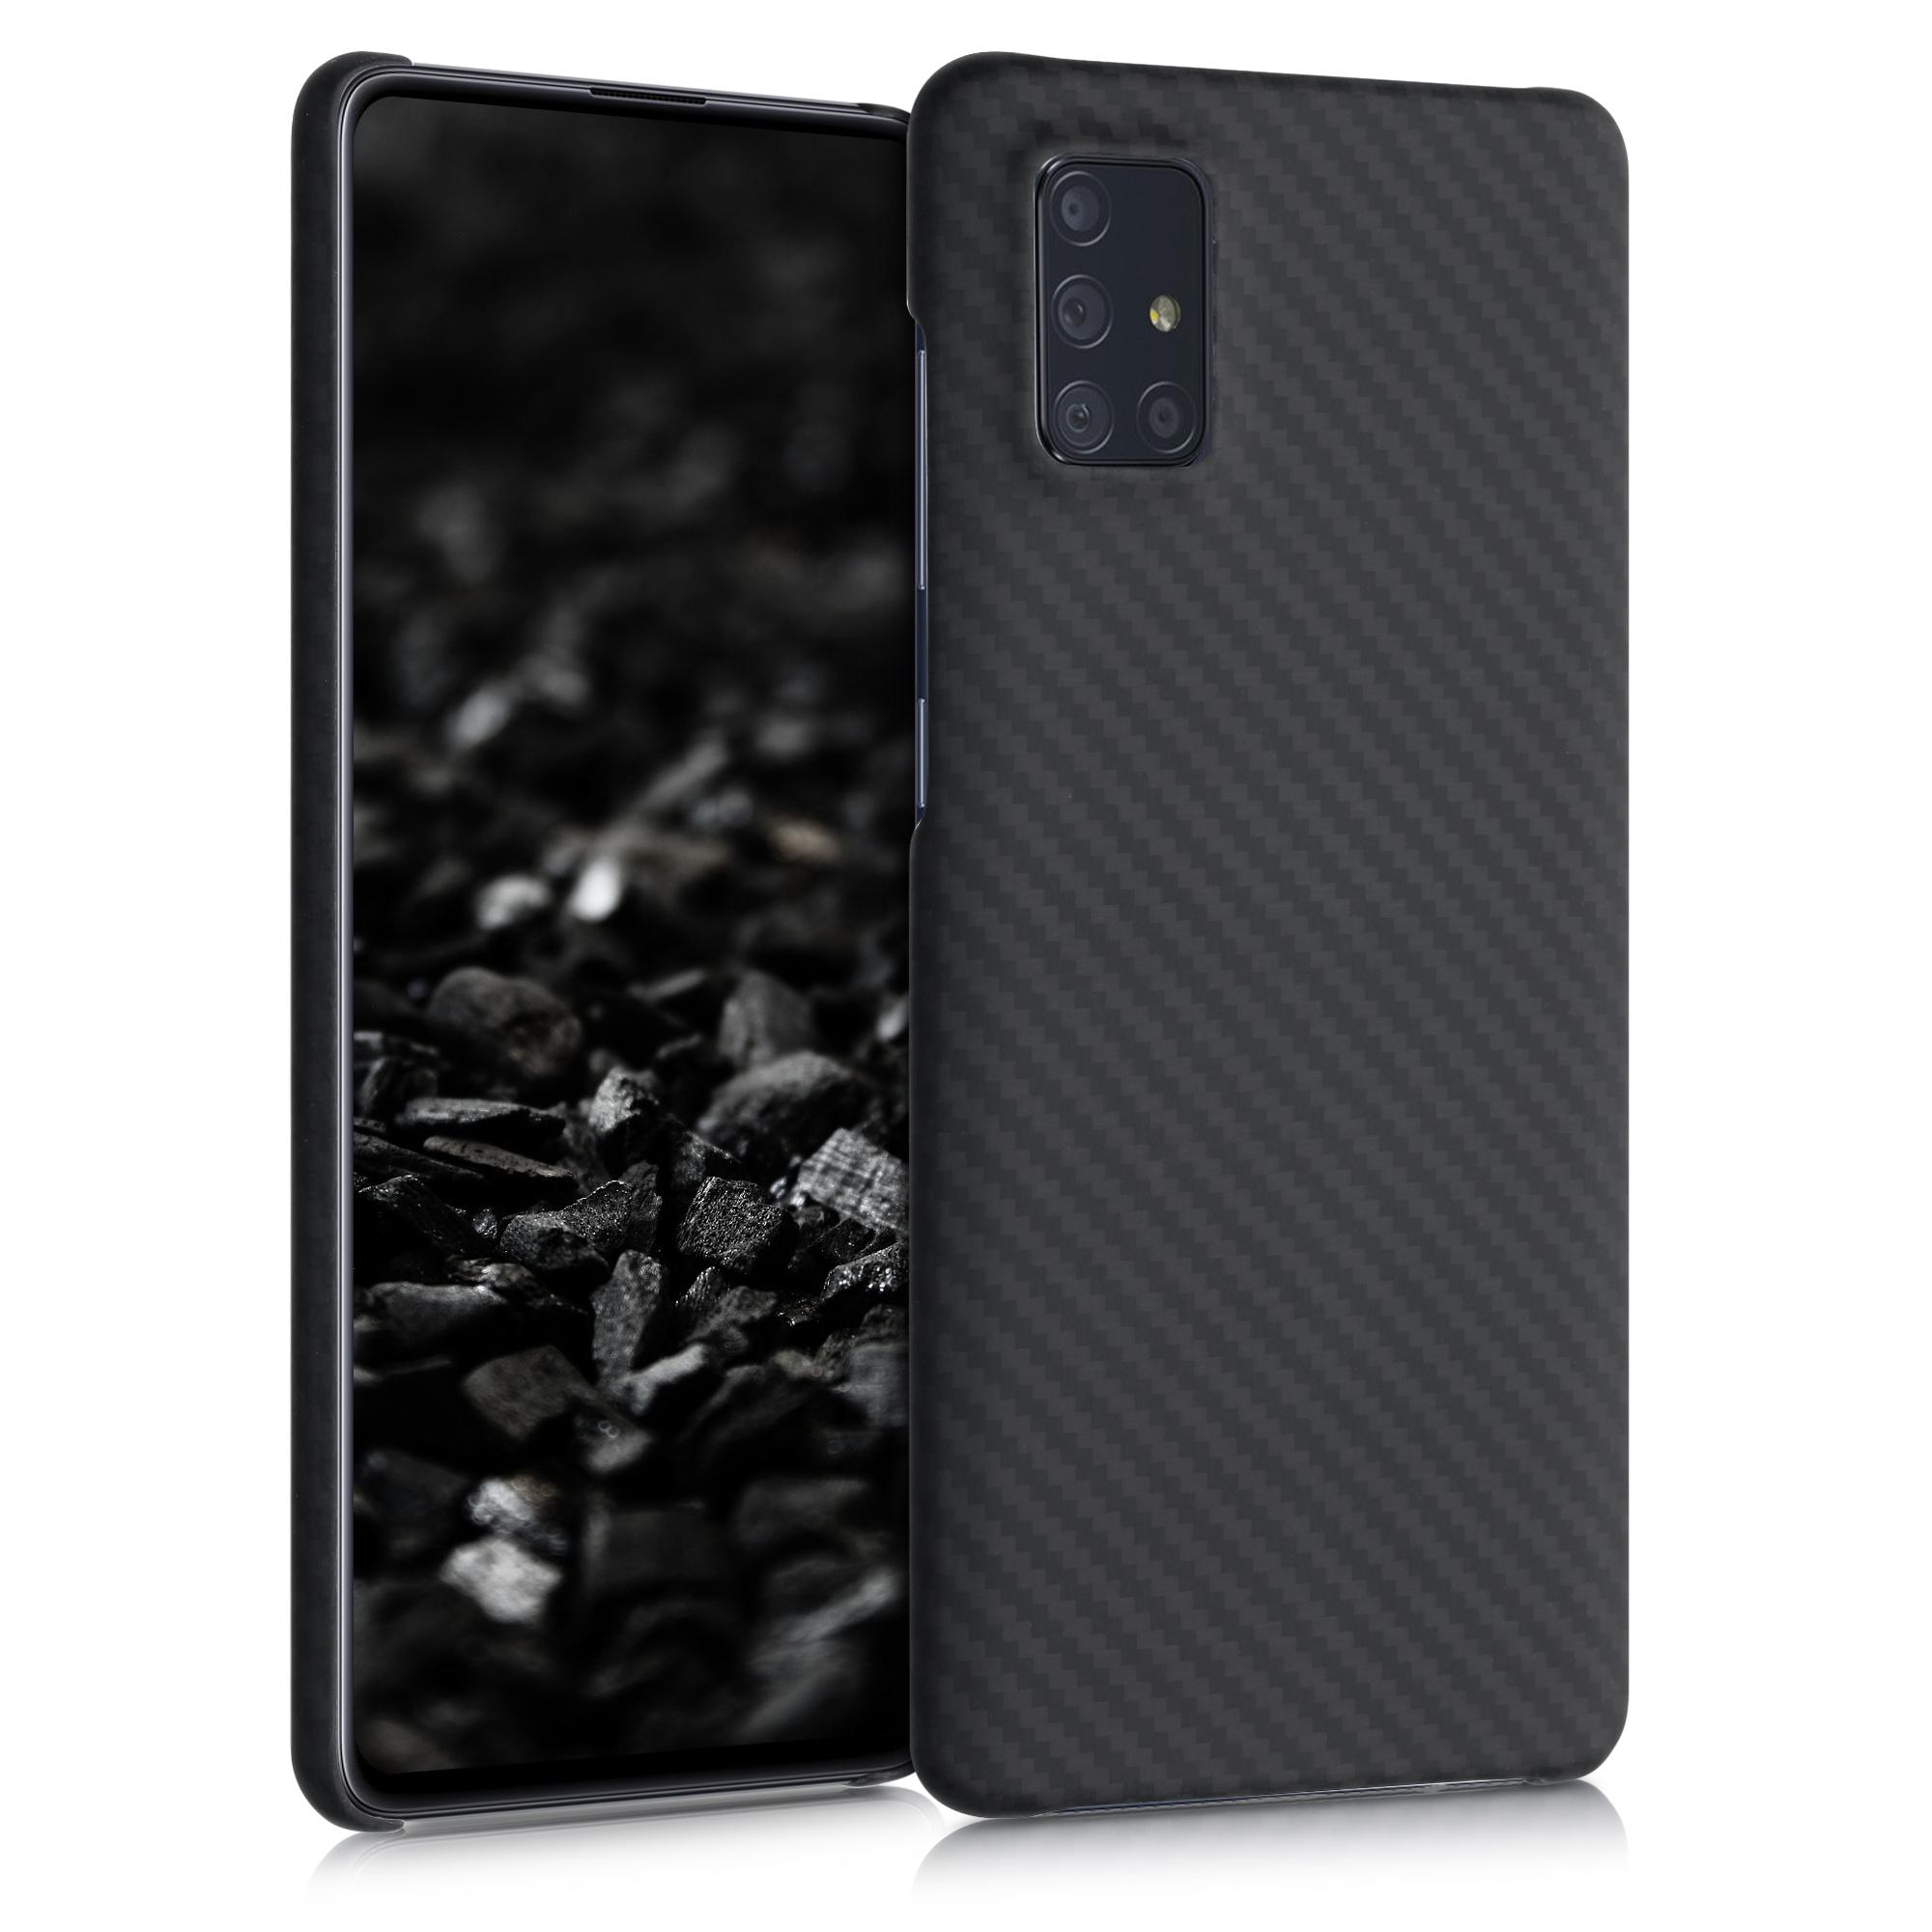 Aramidpouzdro pro Samsung A71 - černé matné